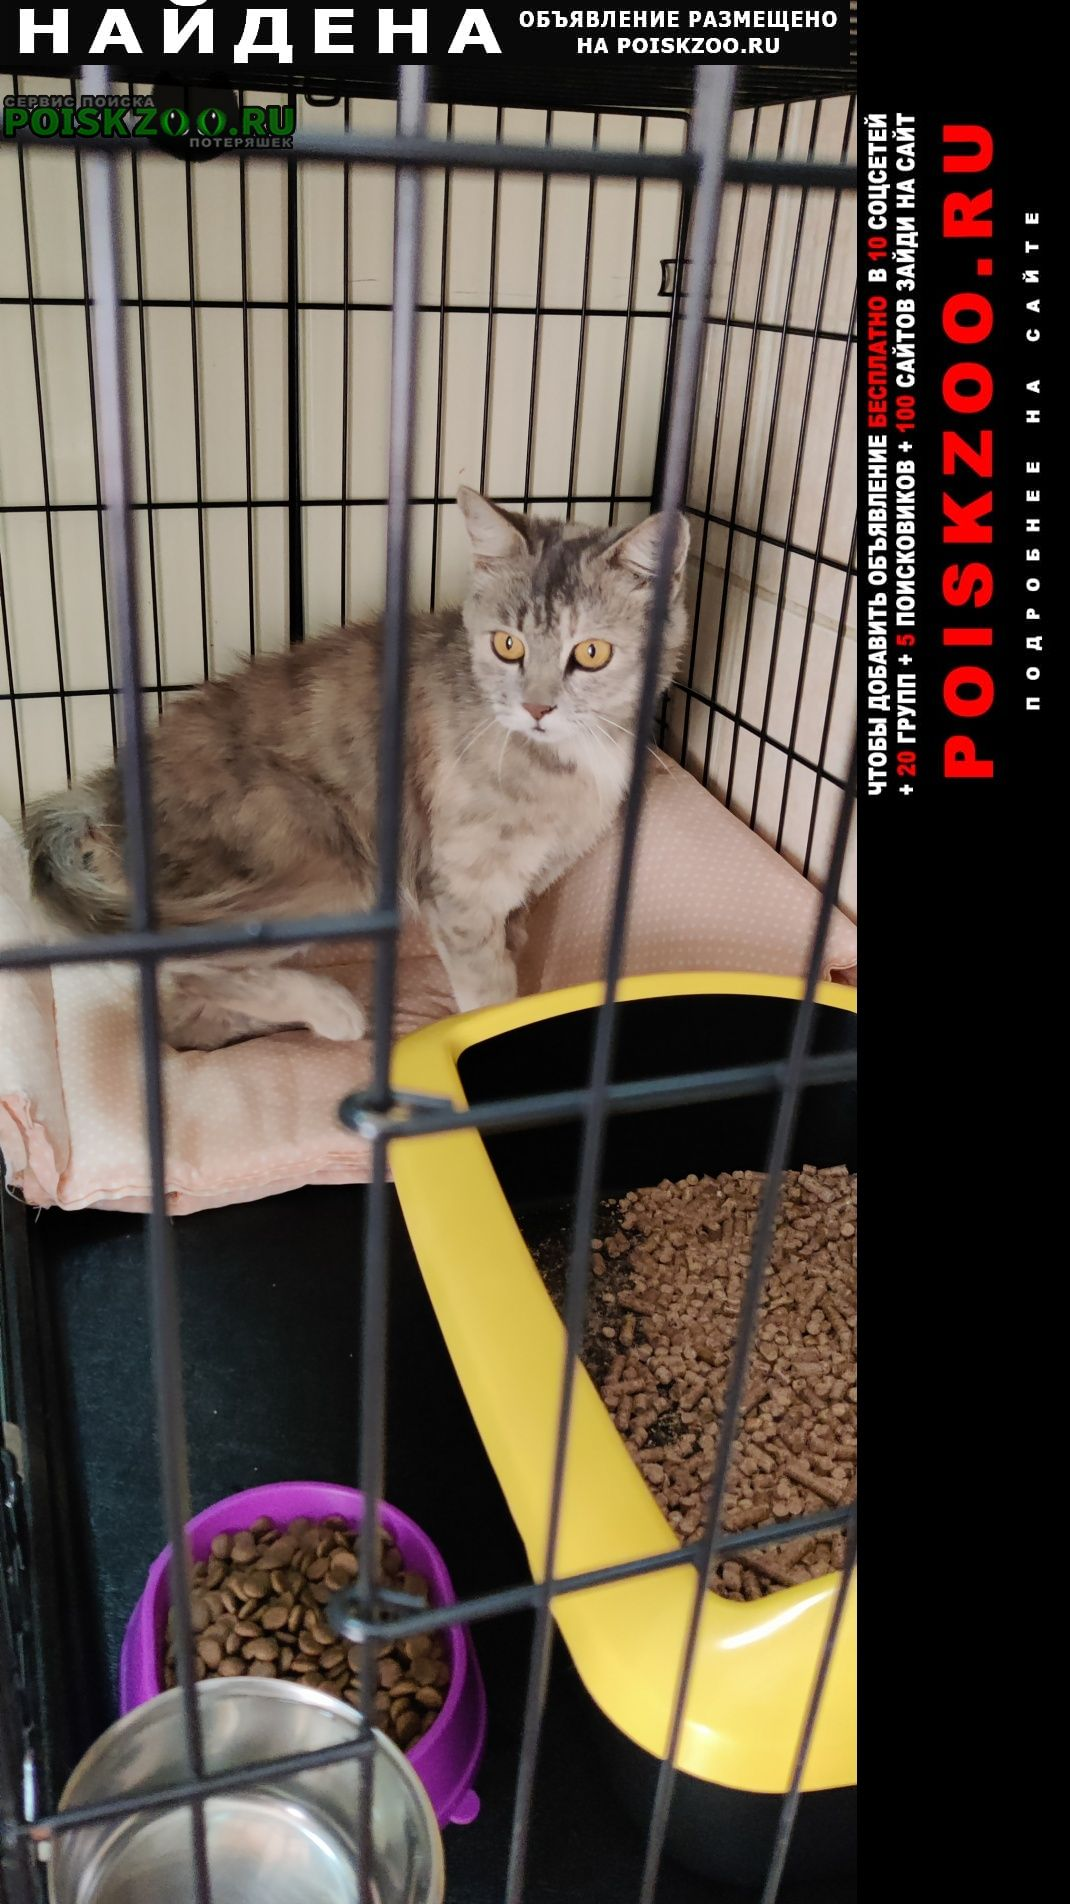 Найдена кошка д.соболиха Железнодорожный (Московск.)